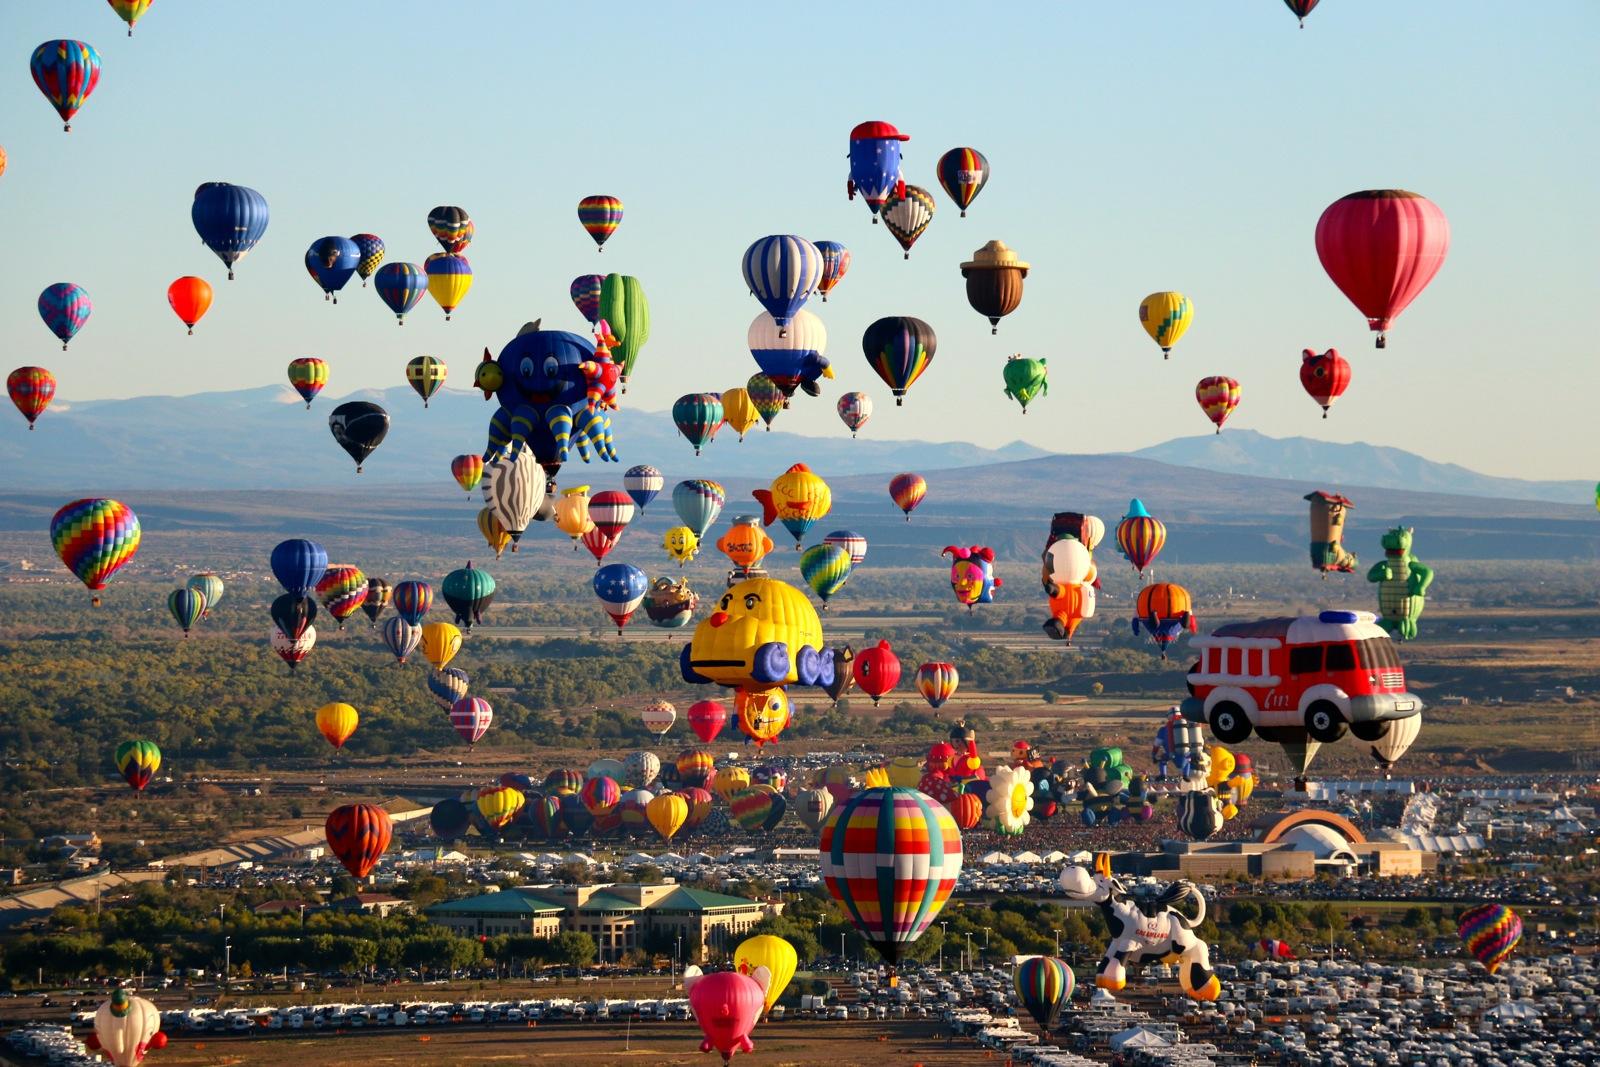 Albuquerque_International_Balloon_Fiesta_2013_Art_Gimbel - 24